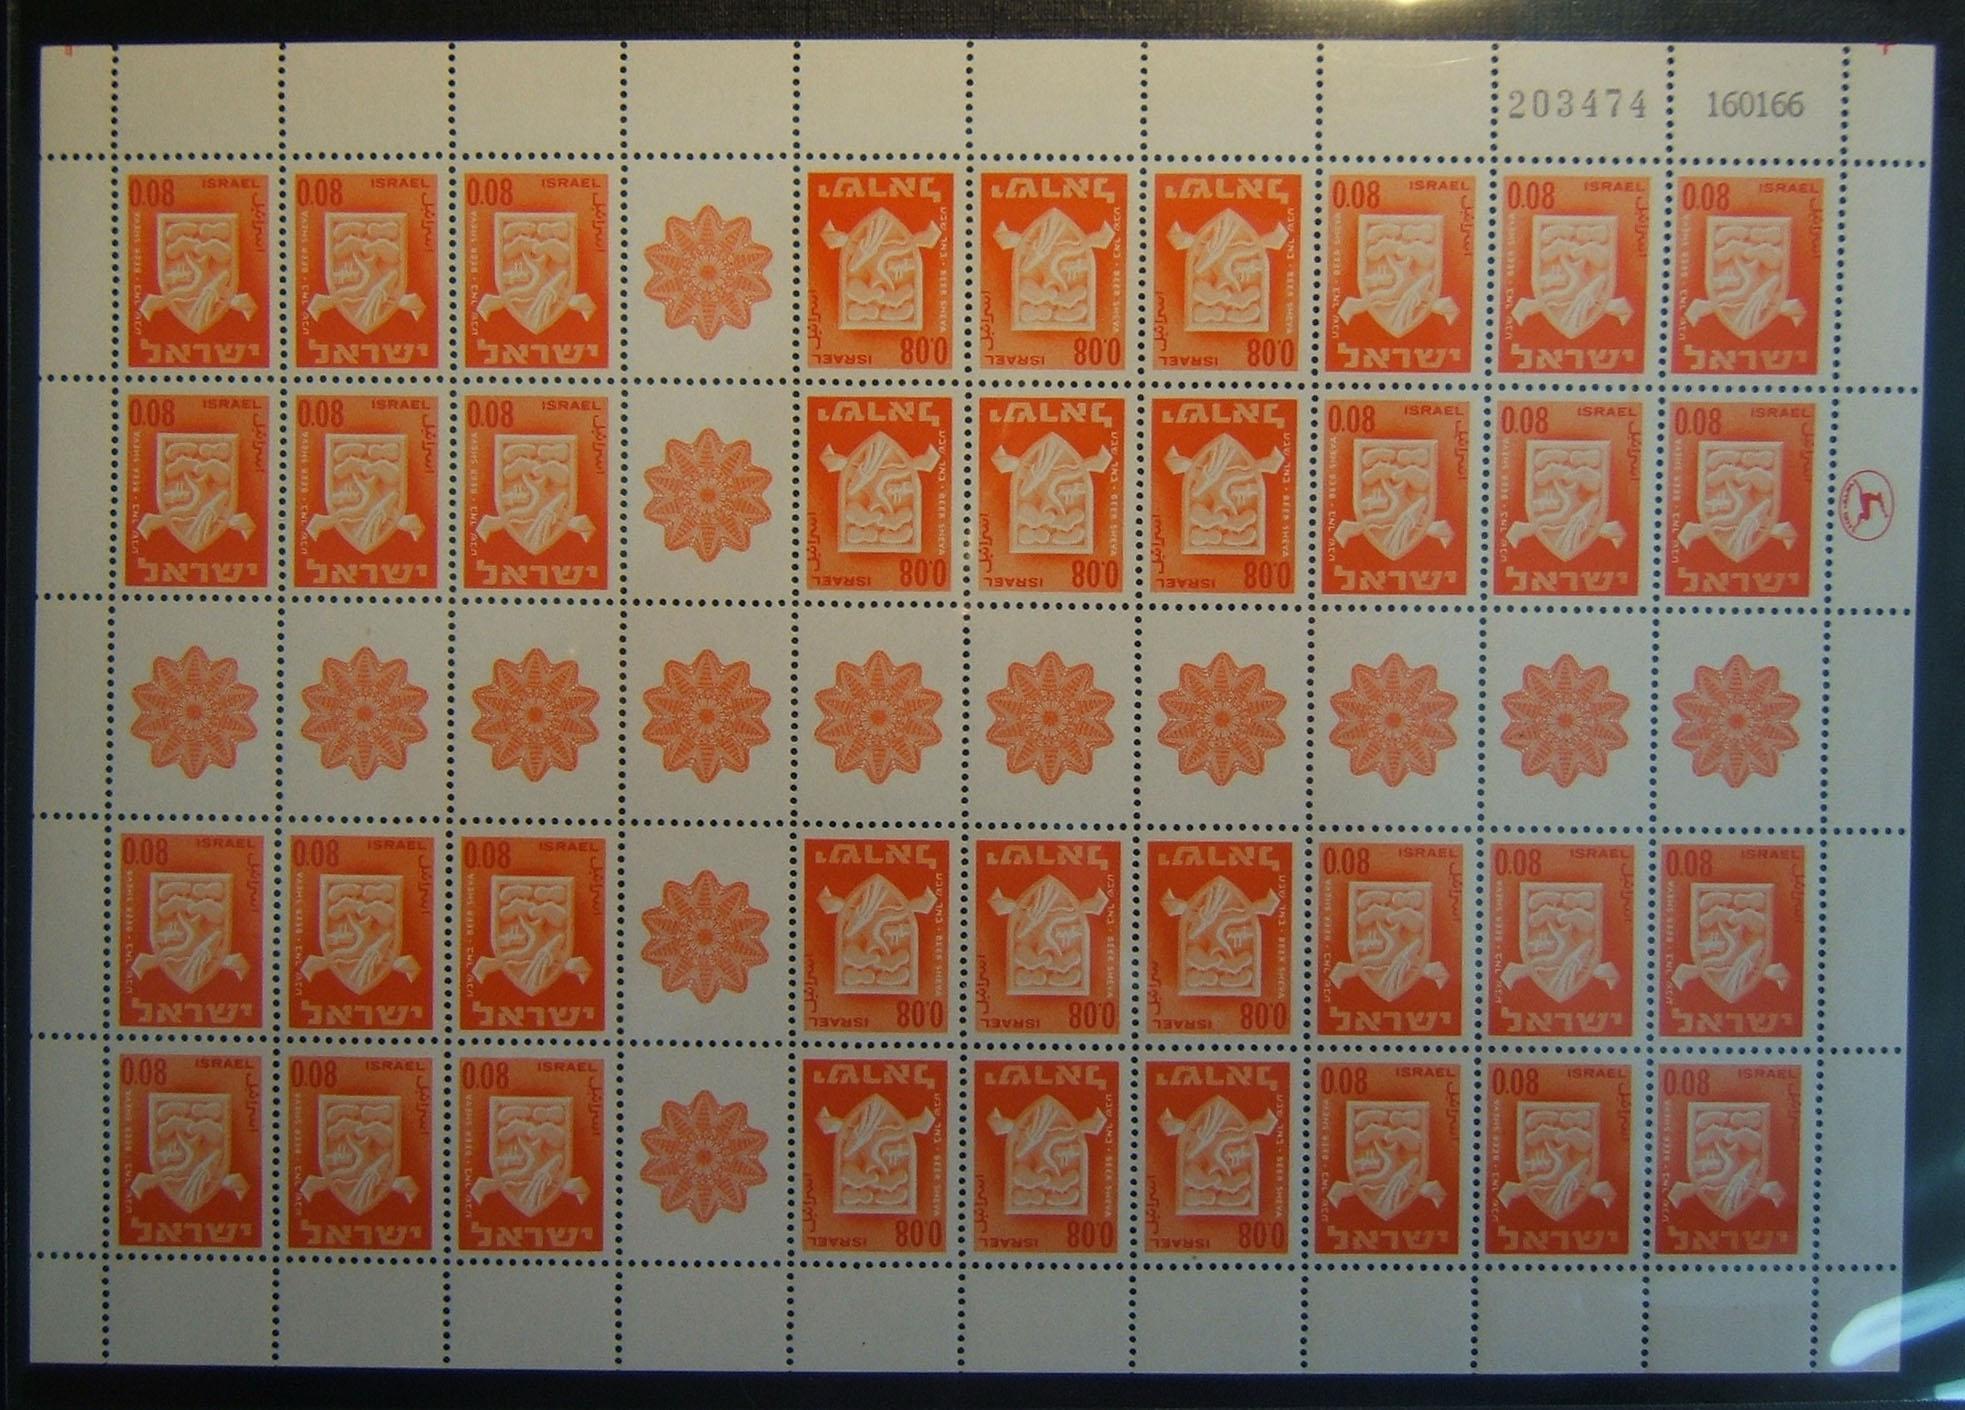 1965/67 1st Town Emblems 0.08£ tete beche sheet (Ba Irs.21), MNH